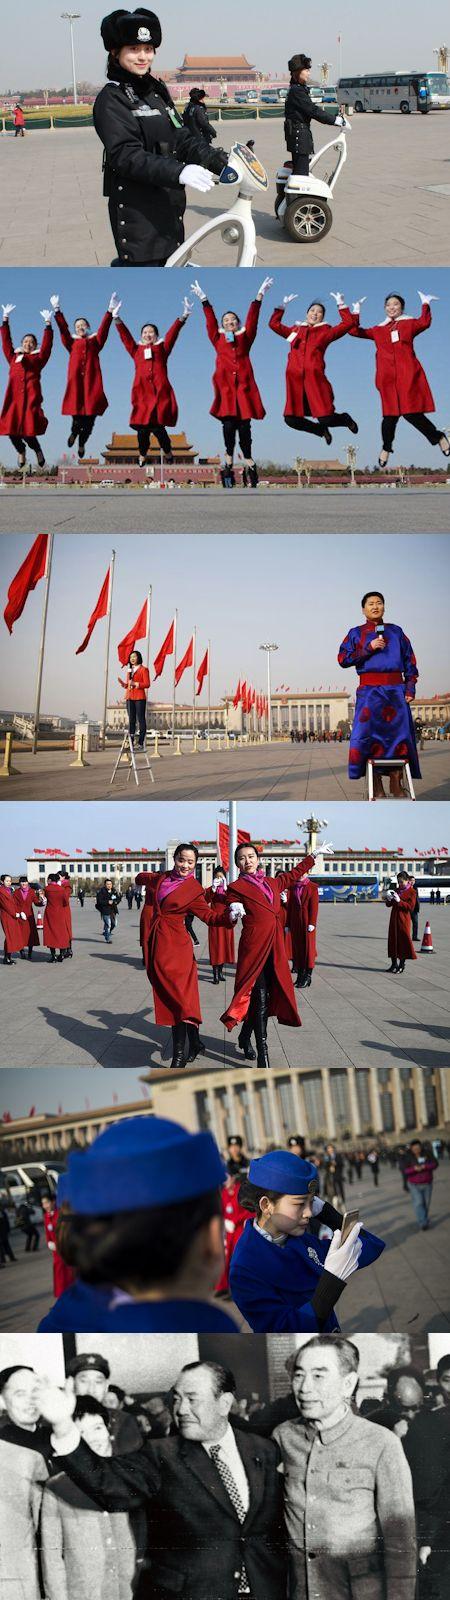 左翼リベラルにおける中国軽侮の態度と傾向 - 子安宣邦と辺見庸_c0315619_16301796.jpg